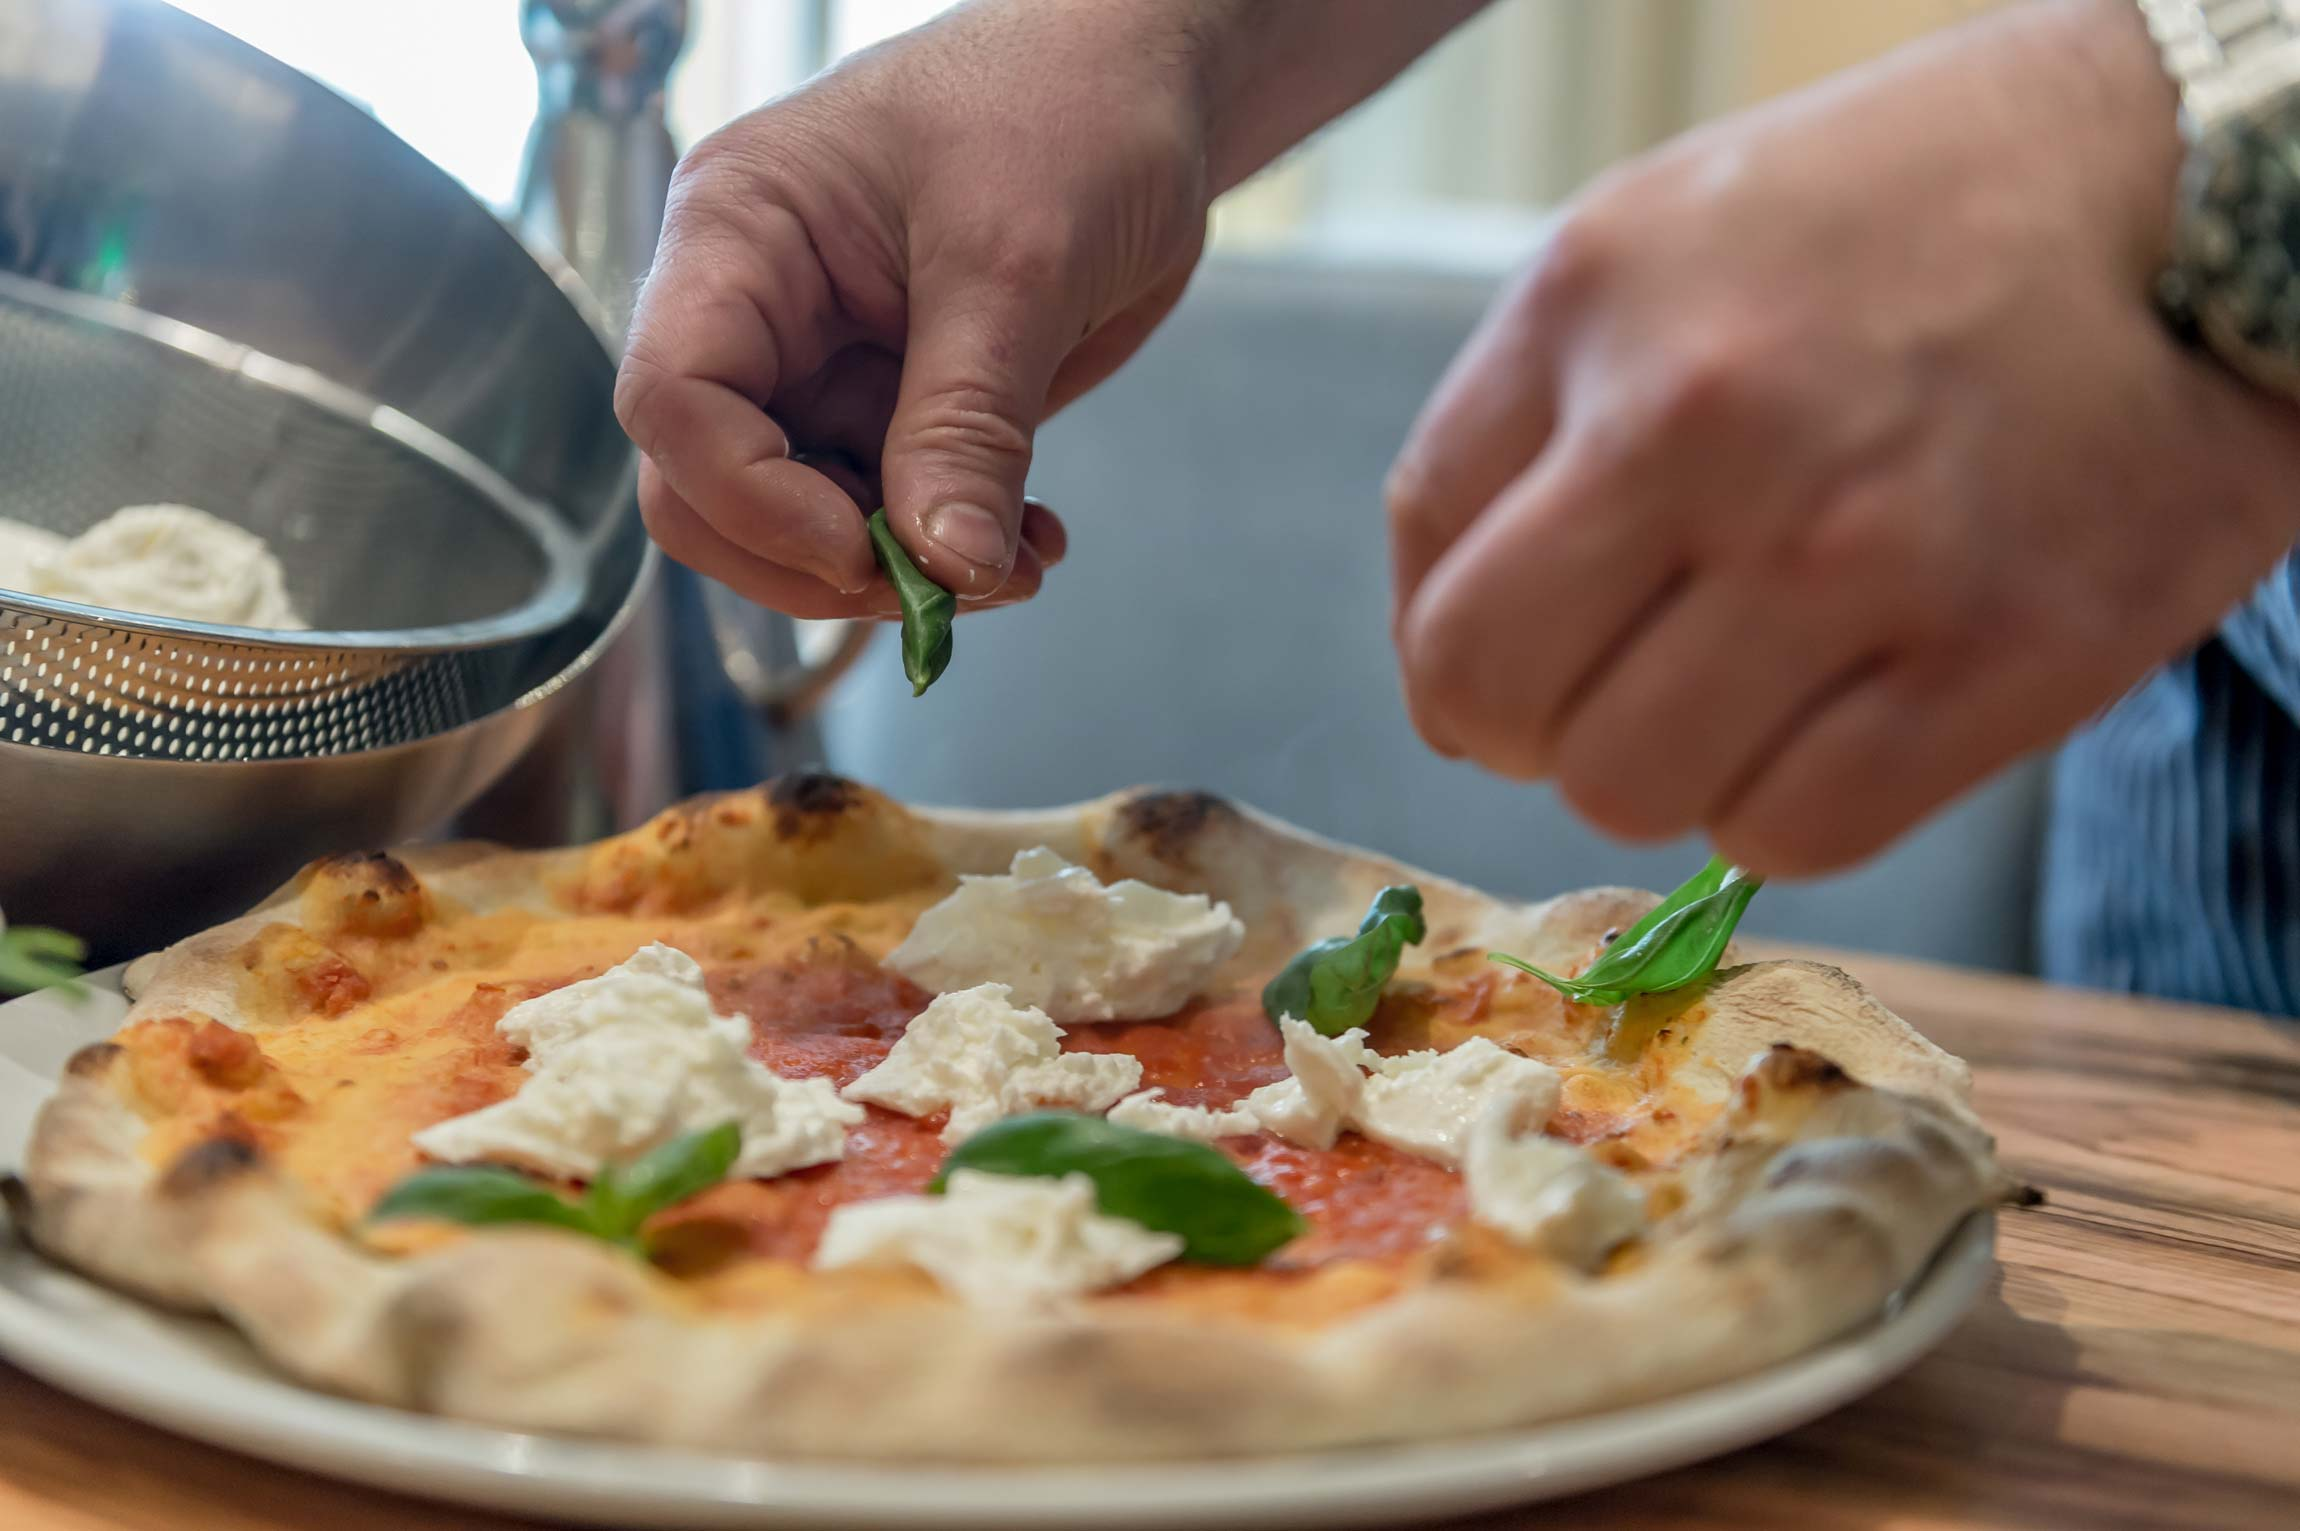 Fertige Pizza wird mit Basilikumblättern bestreut